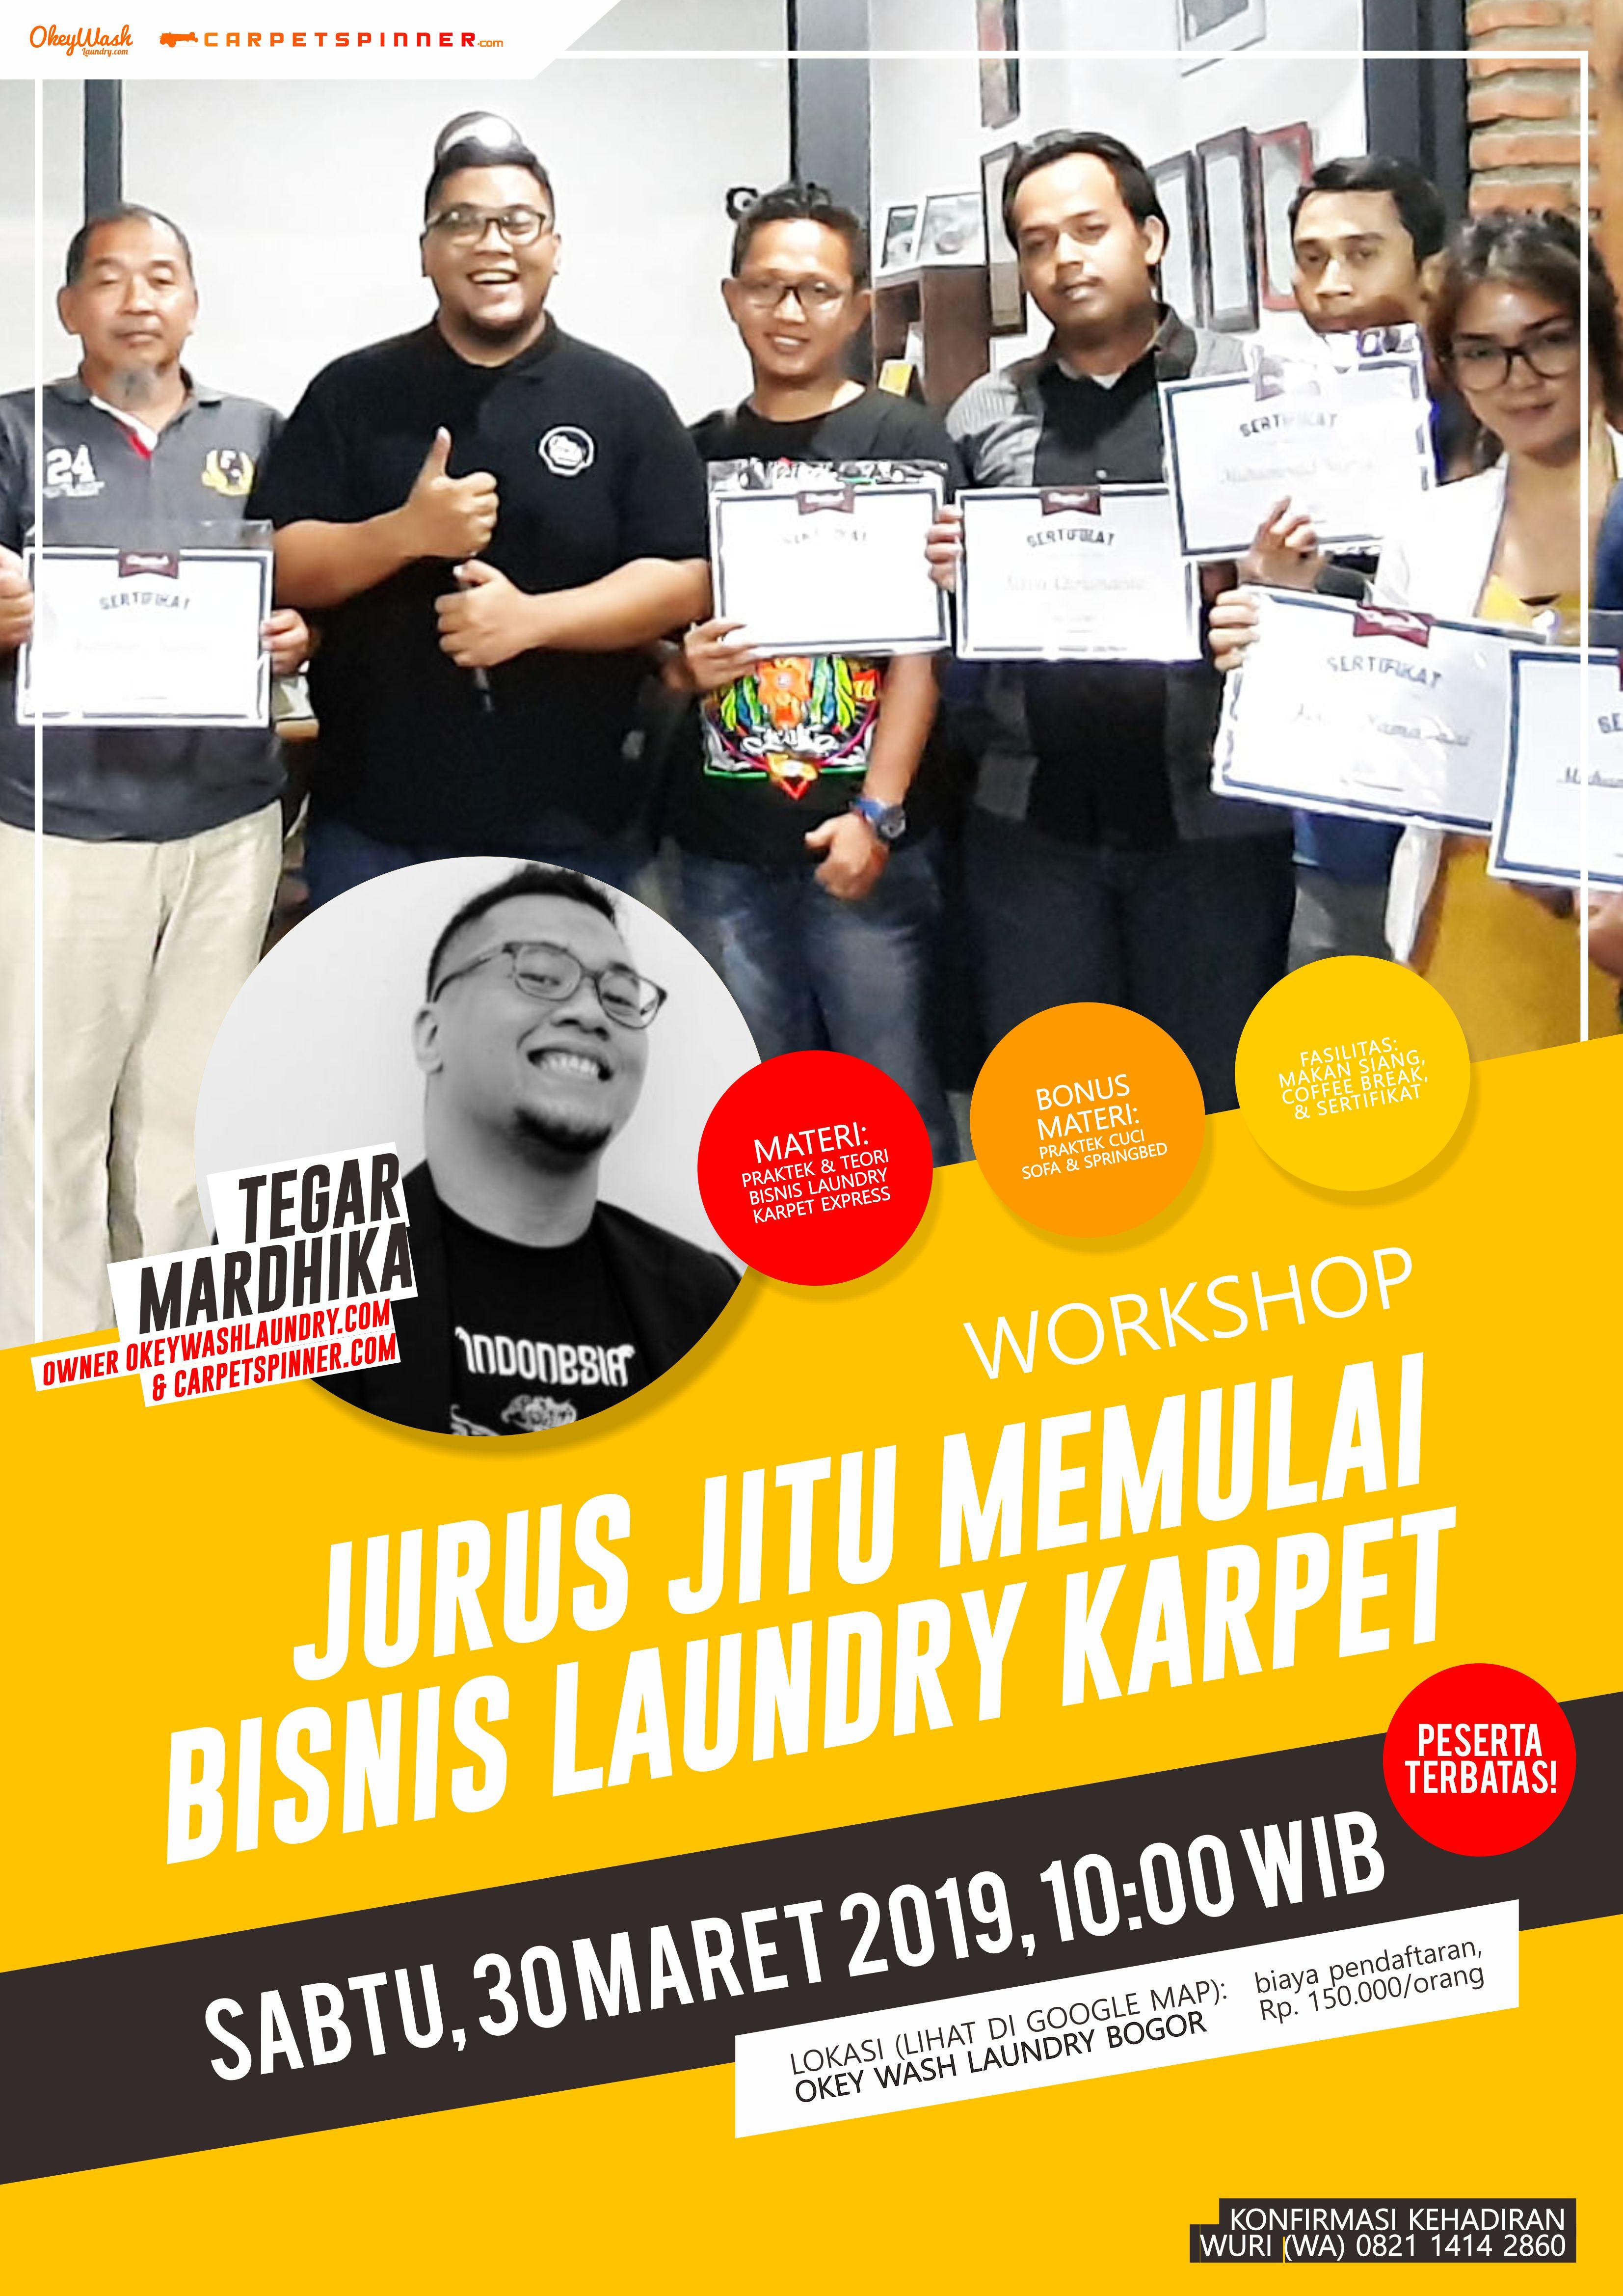 Workshop Jurus Jitu Memulai Bisnis Laundry Karpet, 30 Maret 2019. Daftar Sekarang Juga ke +6282114142860!